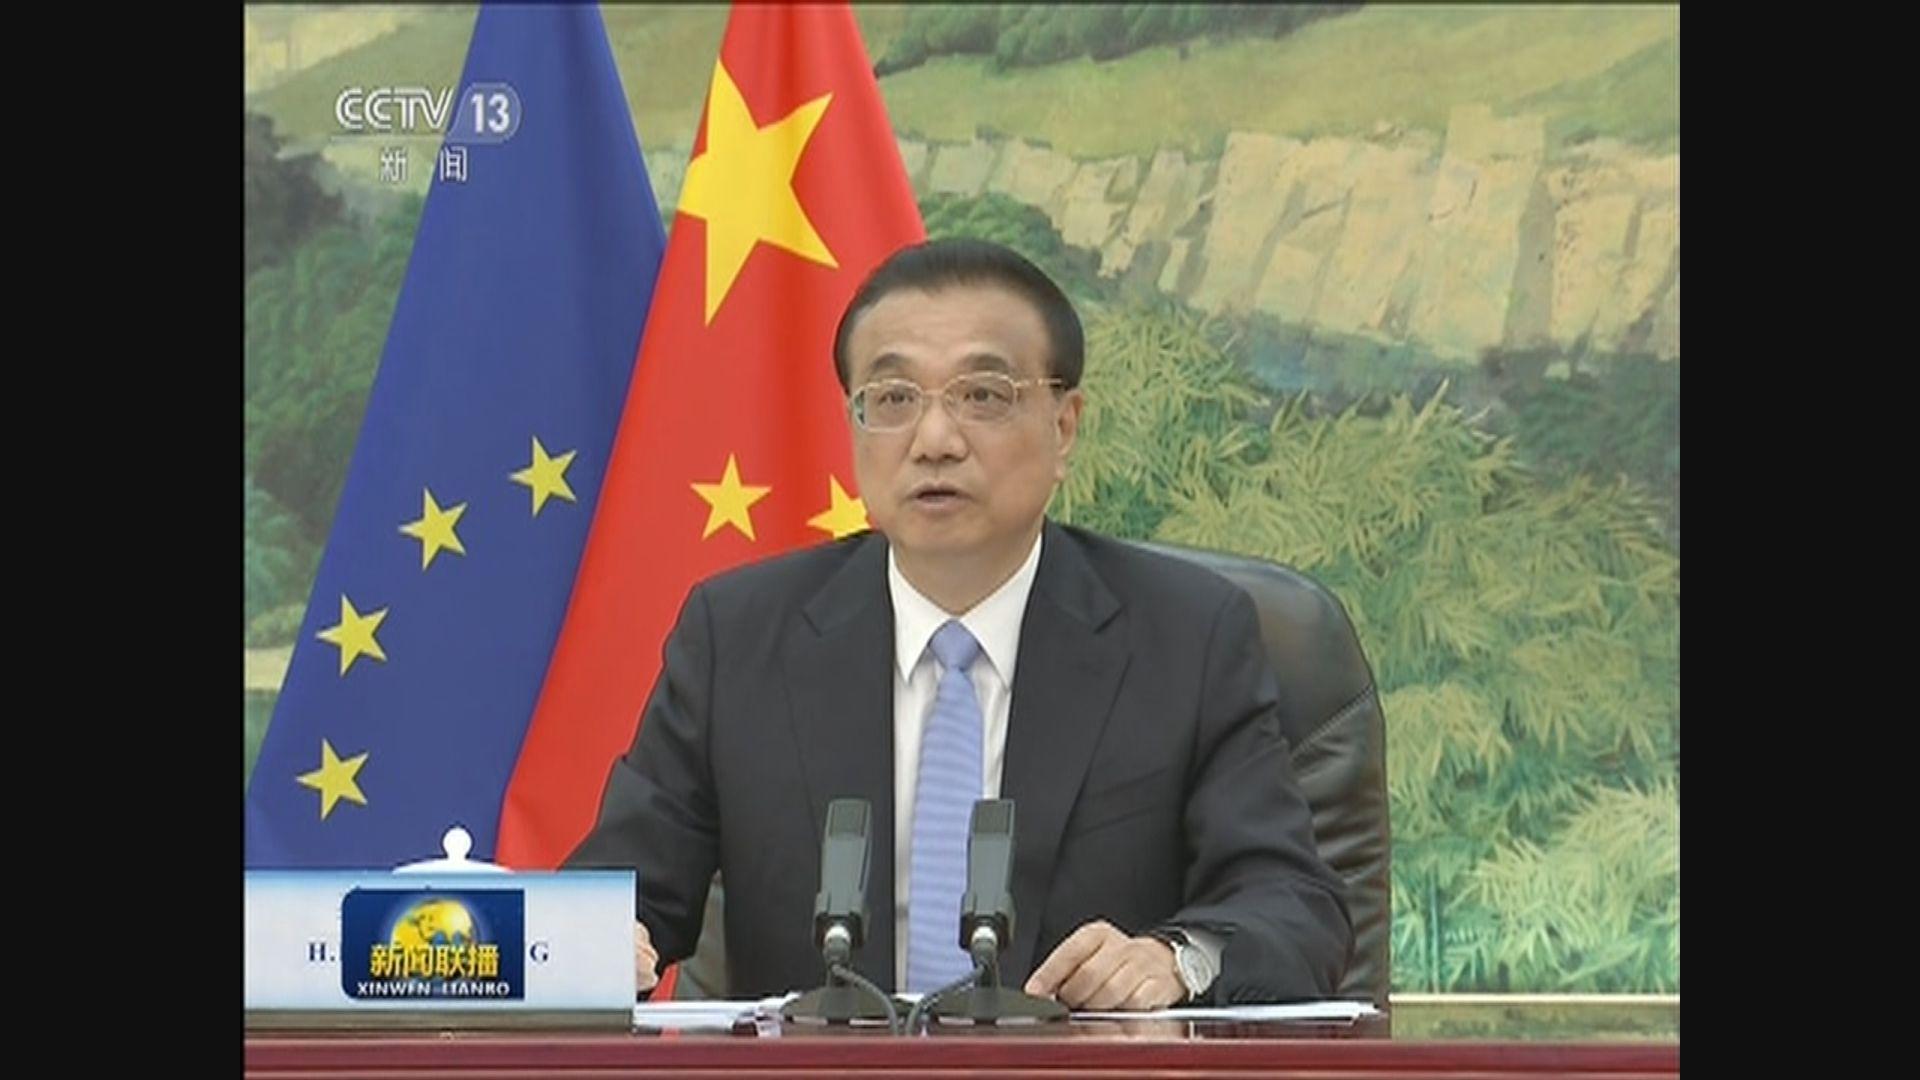 李克強:爭取今年內完成中歐投資協定談判